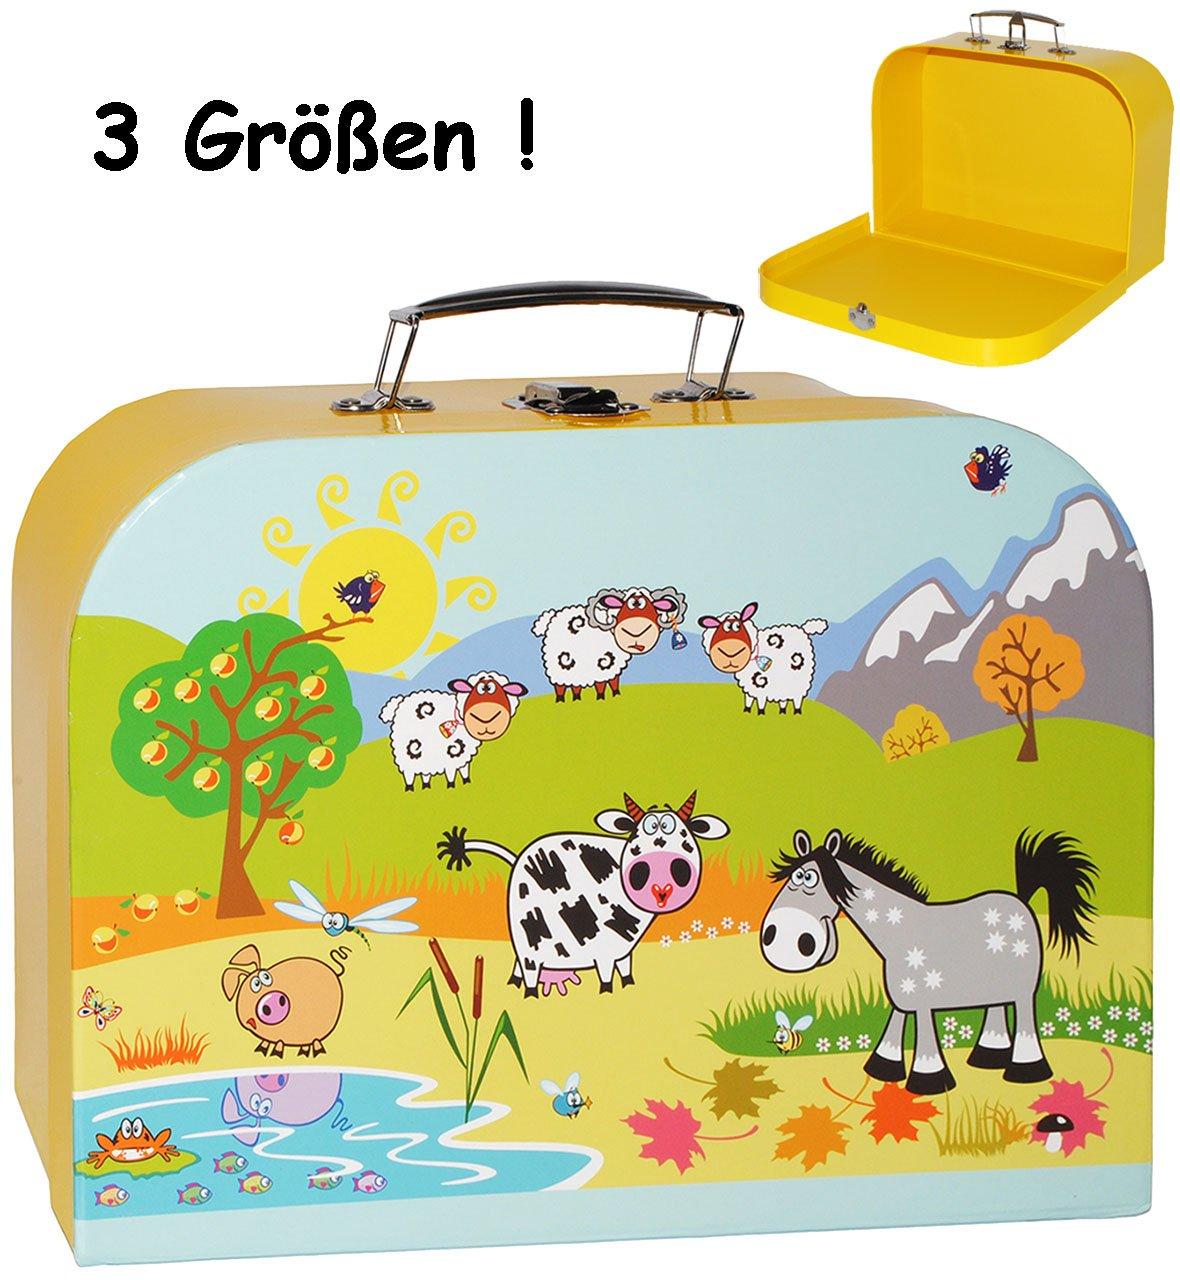 alles-meine.de GmbH 3 TLG. Set _ Kinderkoffer / Koffer - in 3 Verschiedenen Größen - Bauernhof / Tiere - incl. Name - Kofferset - ideal für Spielzeug und als Geldgeschenk - M..